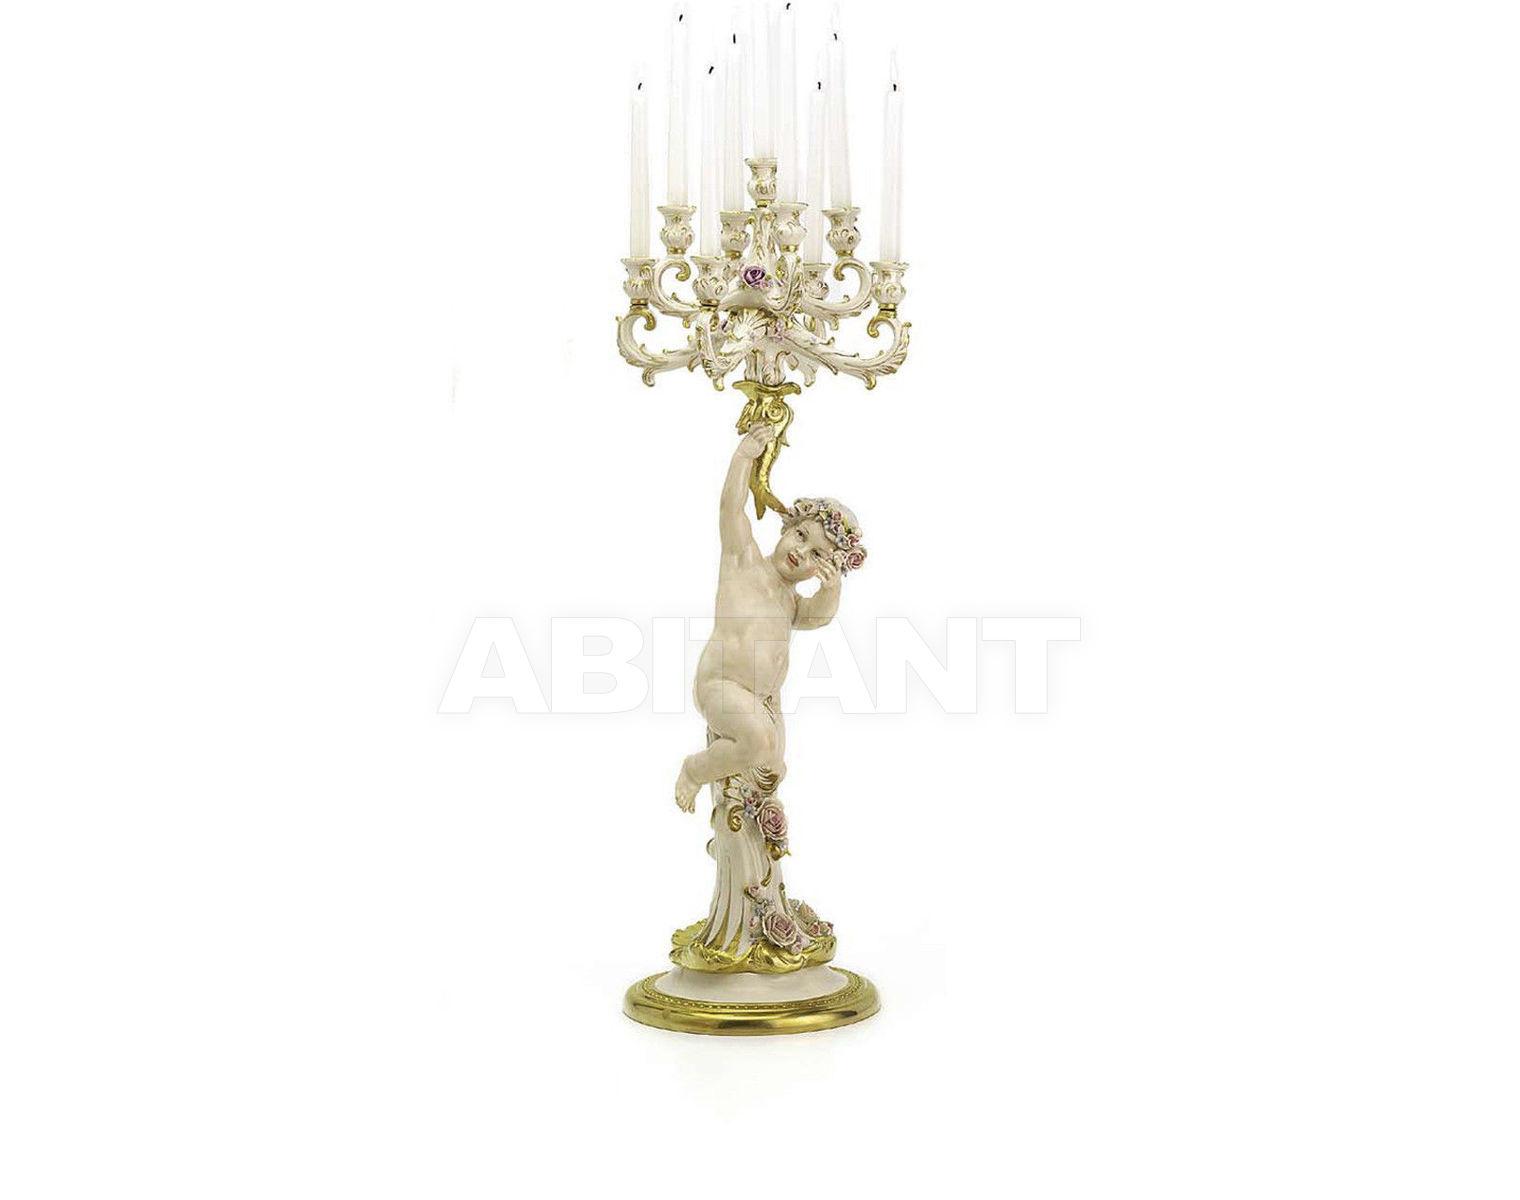 Купить Подсвечник ANGEL WITH 9 BRANCHED CANDELABRA Villari Capodimonte T.01945-002 2